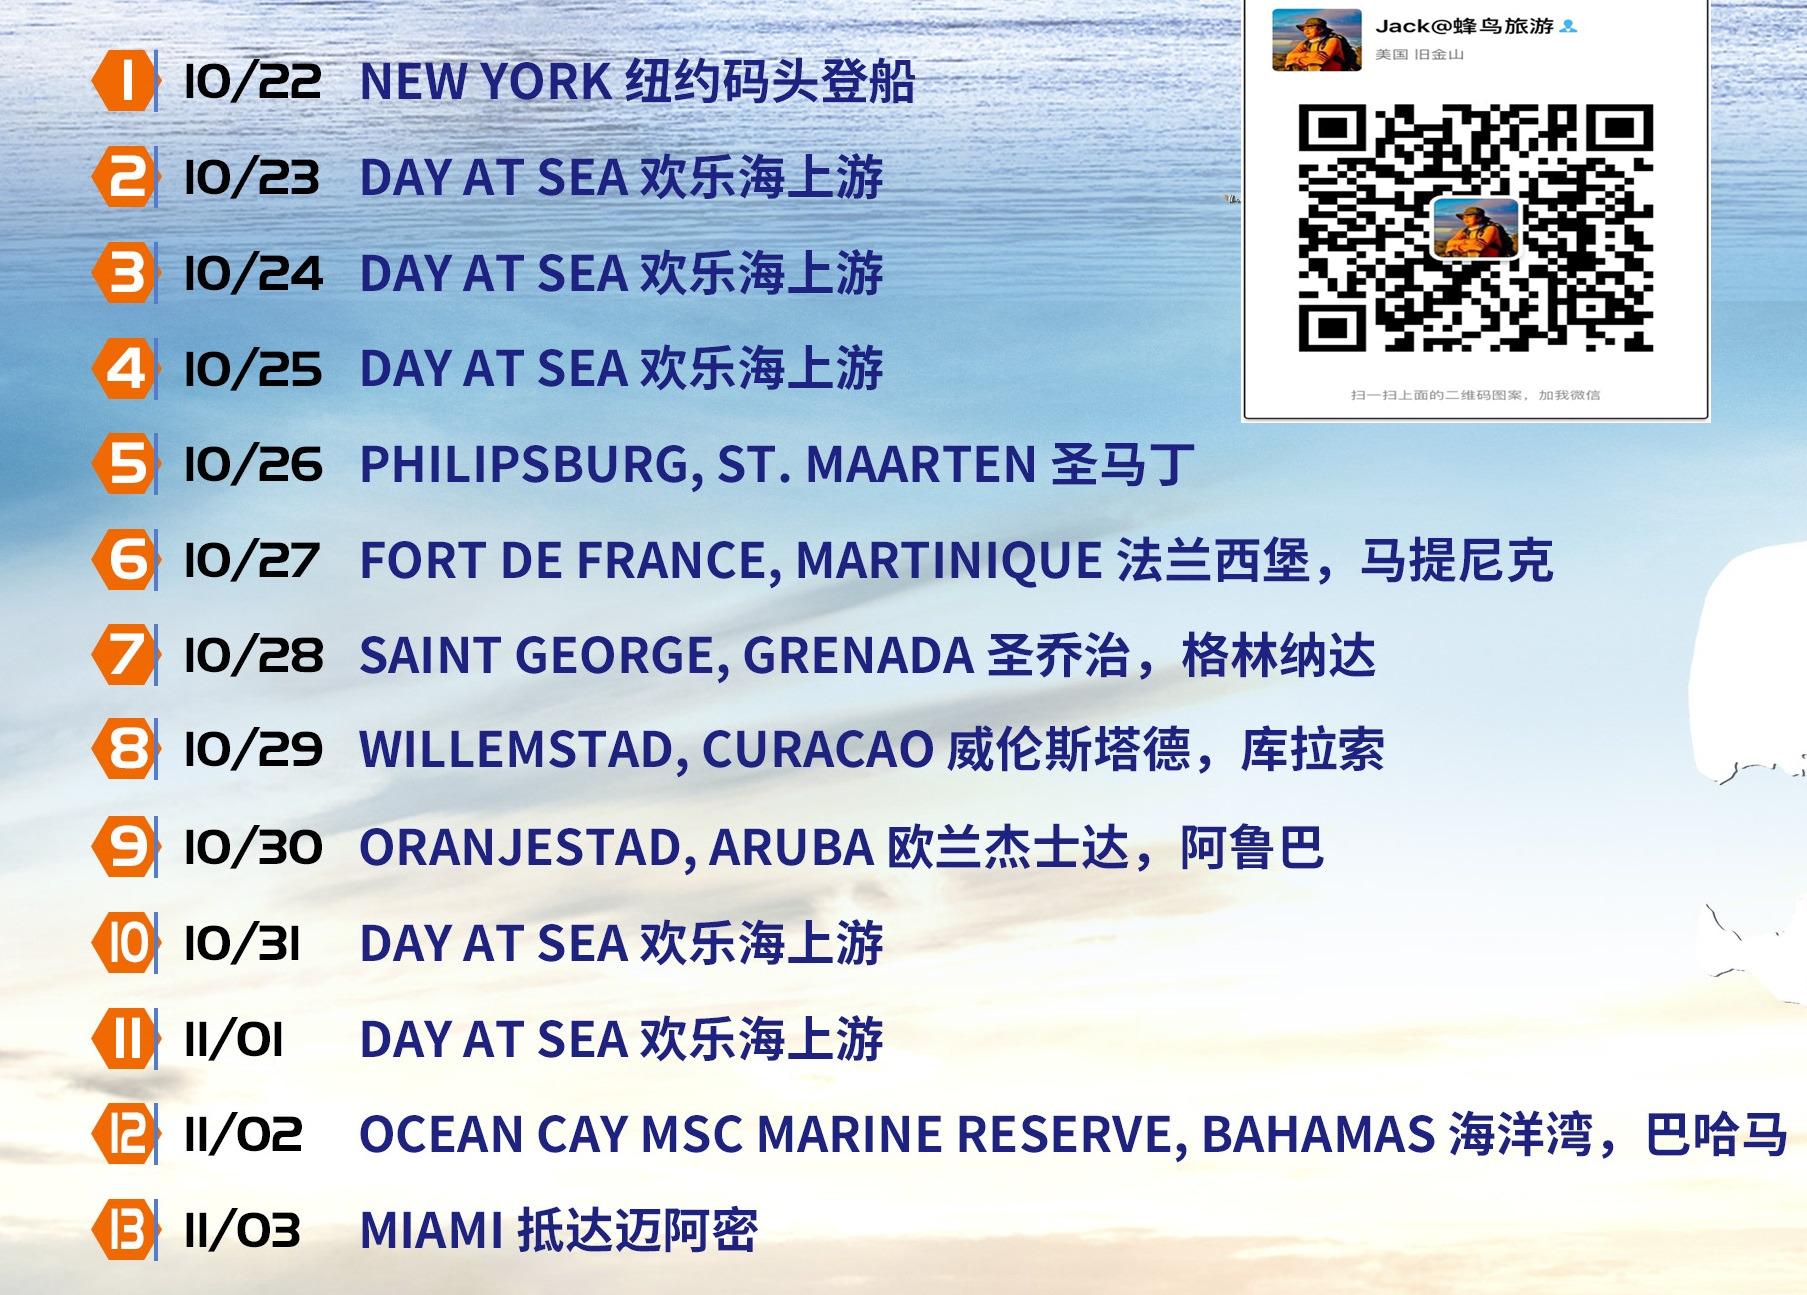 MSC_Spring pro_2020_meraviglia_itinerary